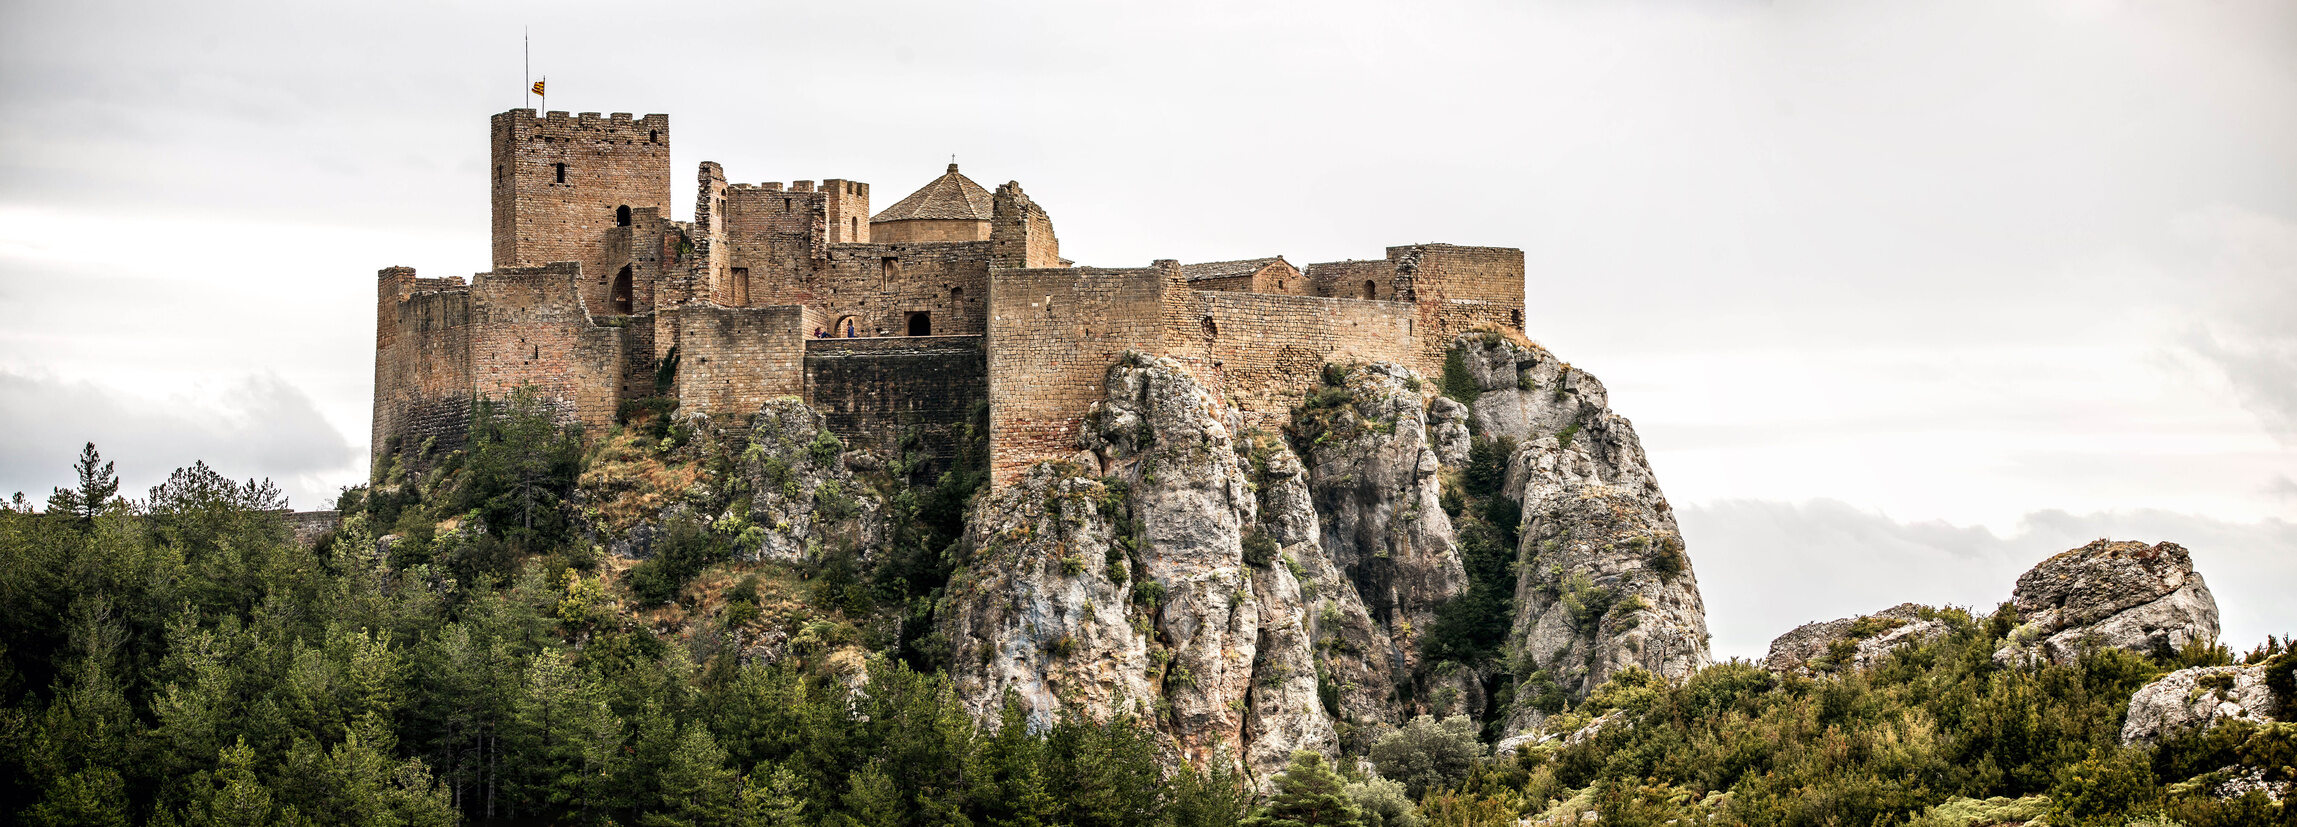 """Castillo de Loarre, Hiszpania Zachowany w dobrym stanie zamek z XI wieku. Według pierwotnych planów miał być o wiele mniejszy. To tutaj kręcono większość scen do filmu Ridleya Scotta """"Królestwo Niebieskie""""."""